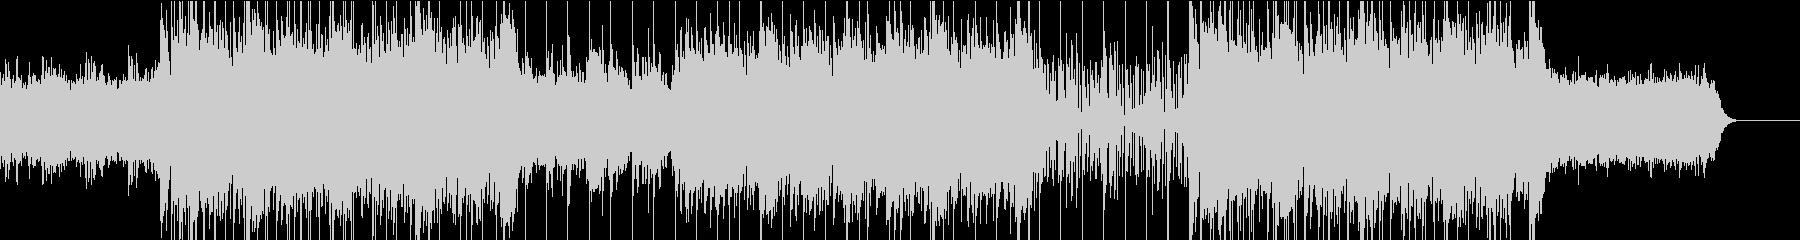 エレクトロの未再生の波形